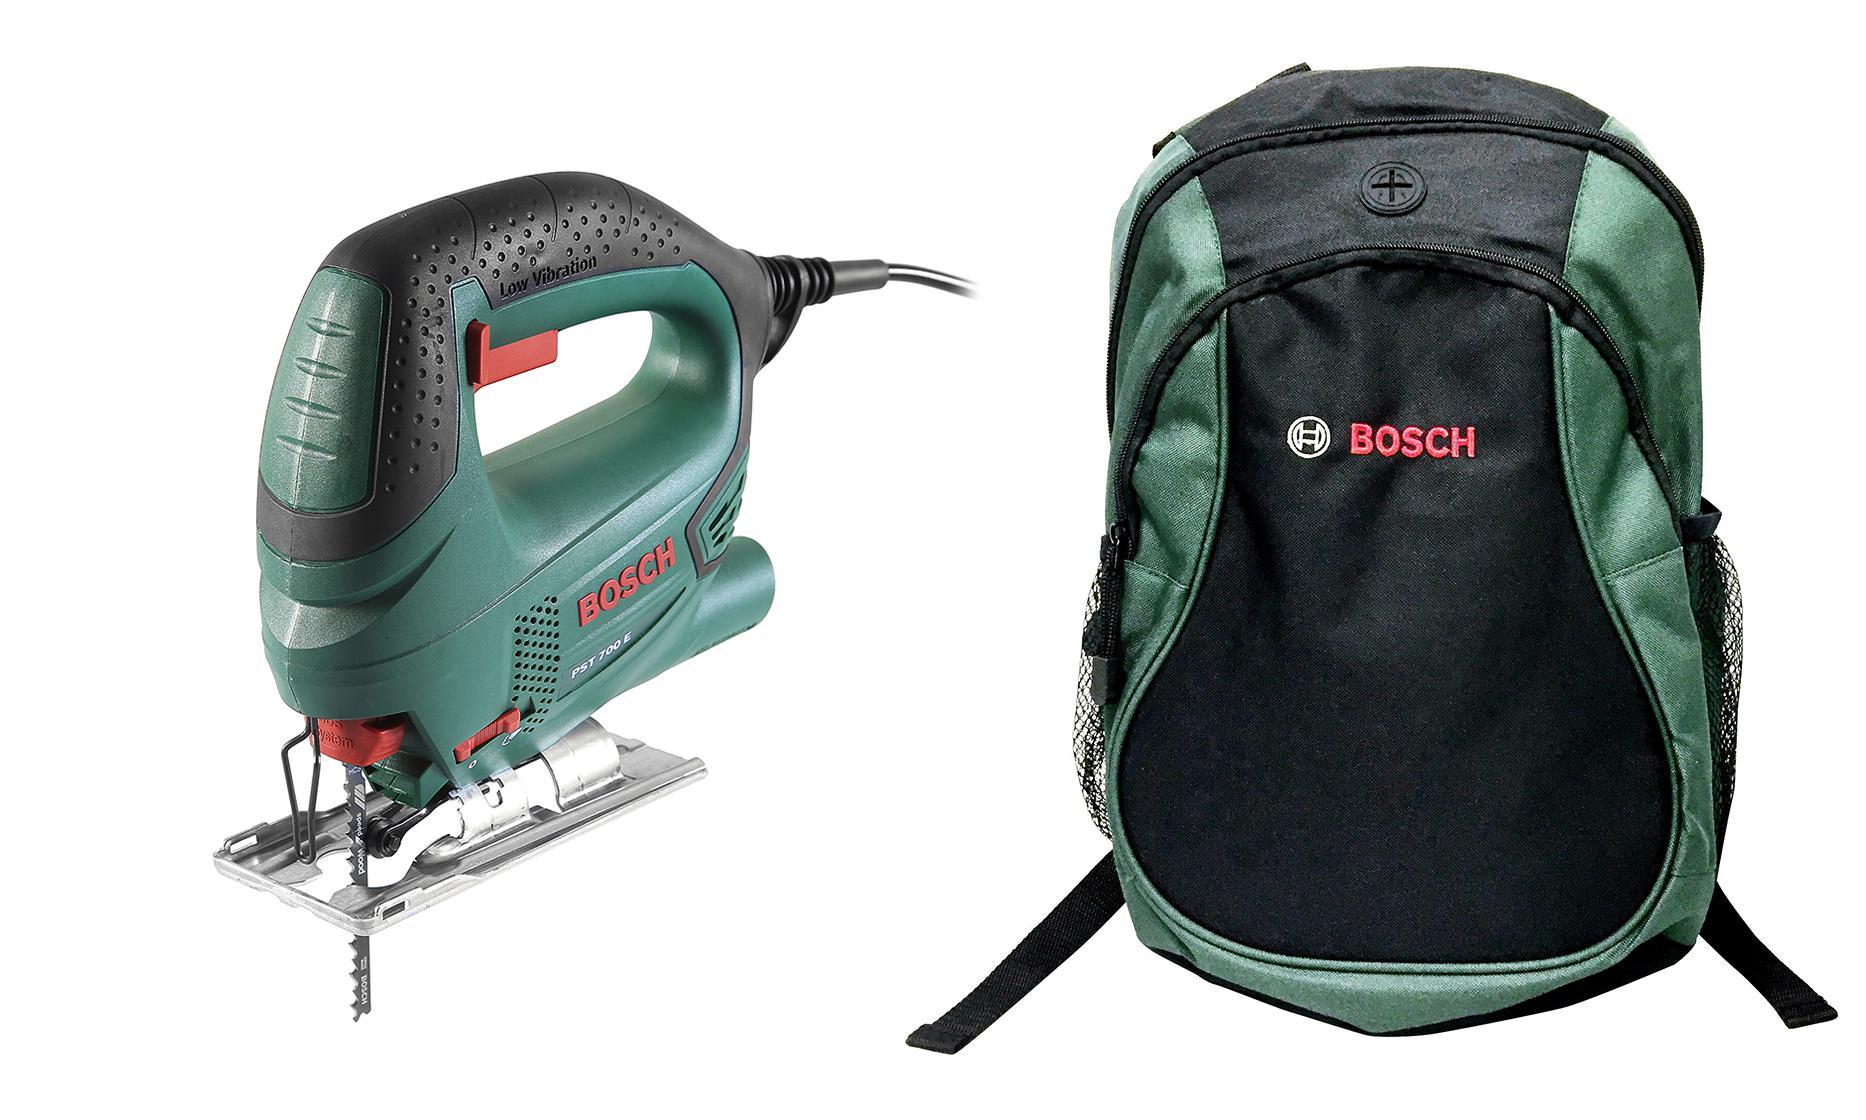 цена на Набор Bosch Лобзик pst 700 e compact (0.603.3a0.020) +Рюкзак green (1619g45200)